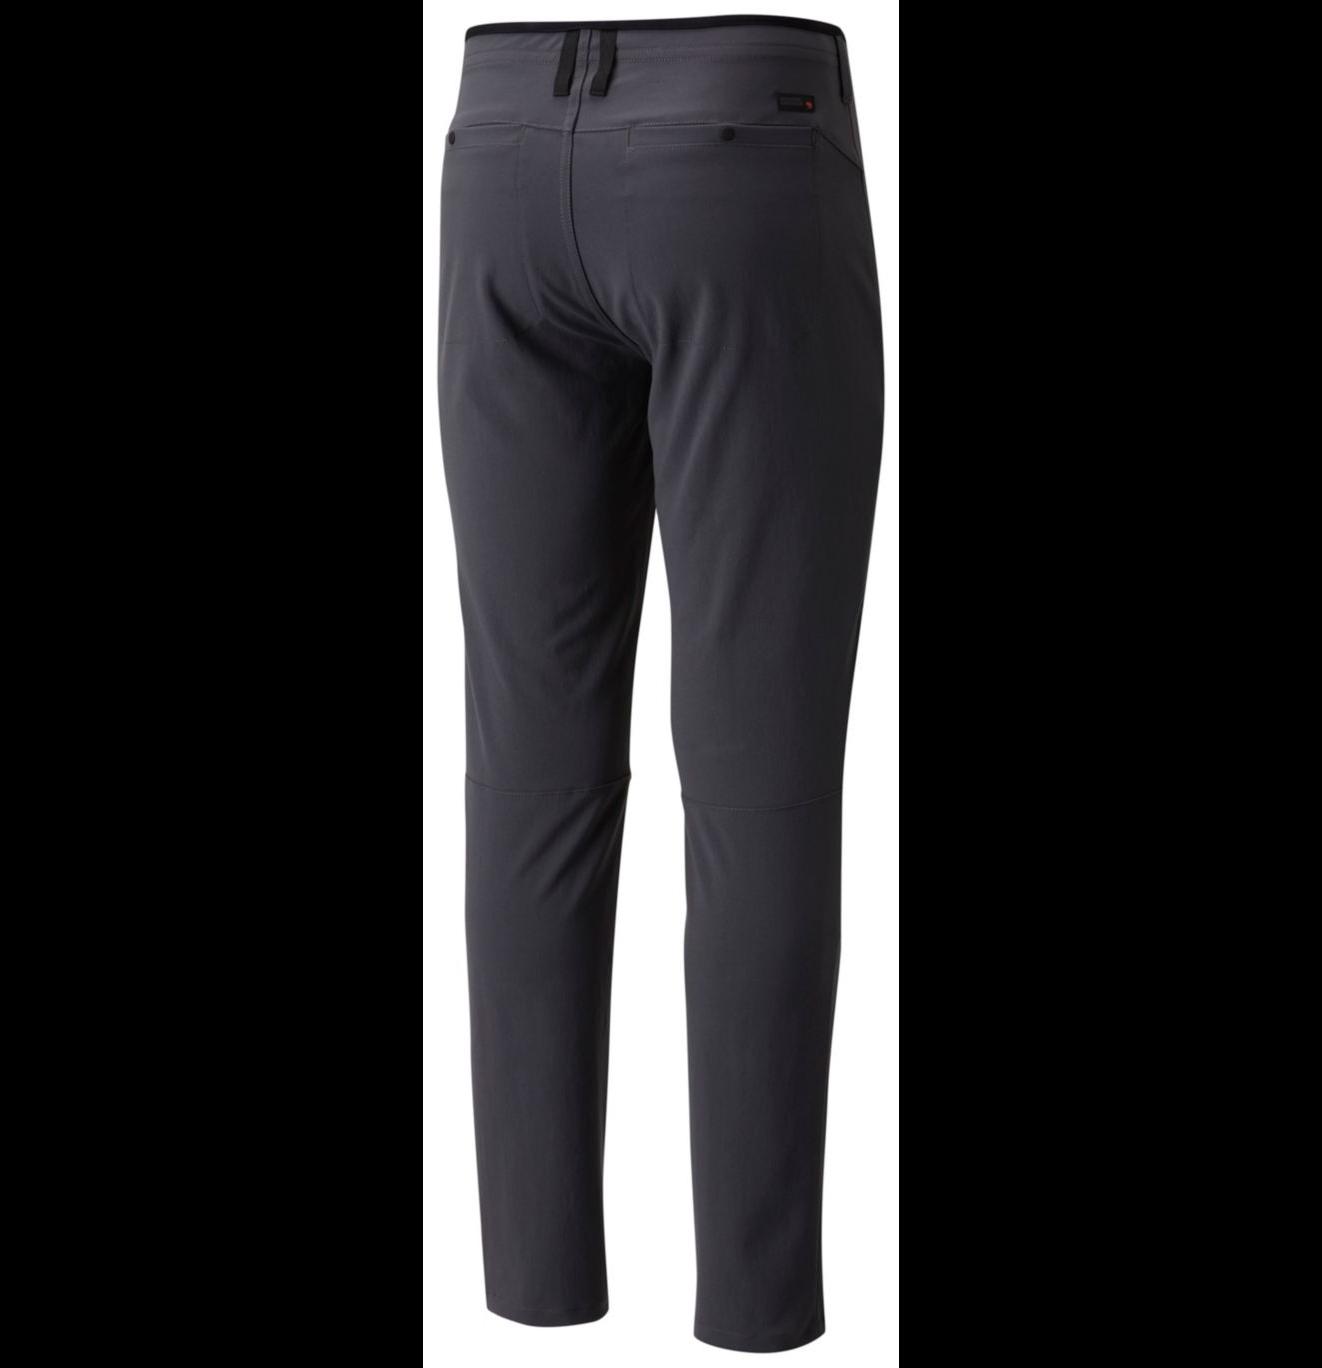 Mountain Hardwear Men's MT6-U™ Pant